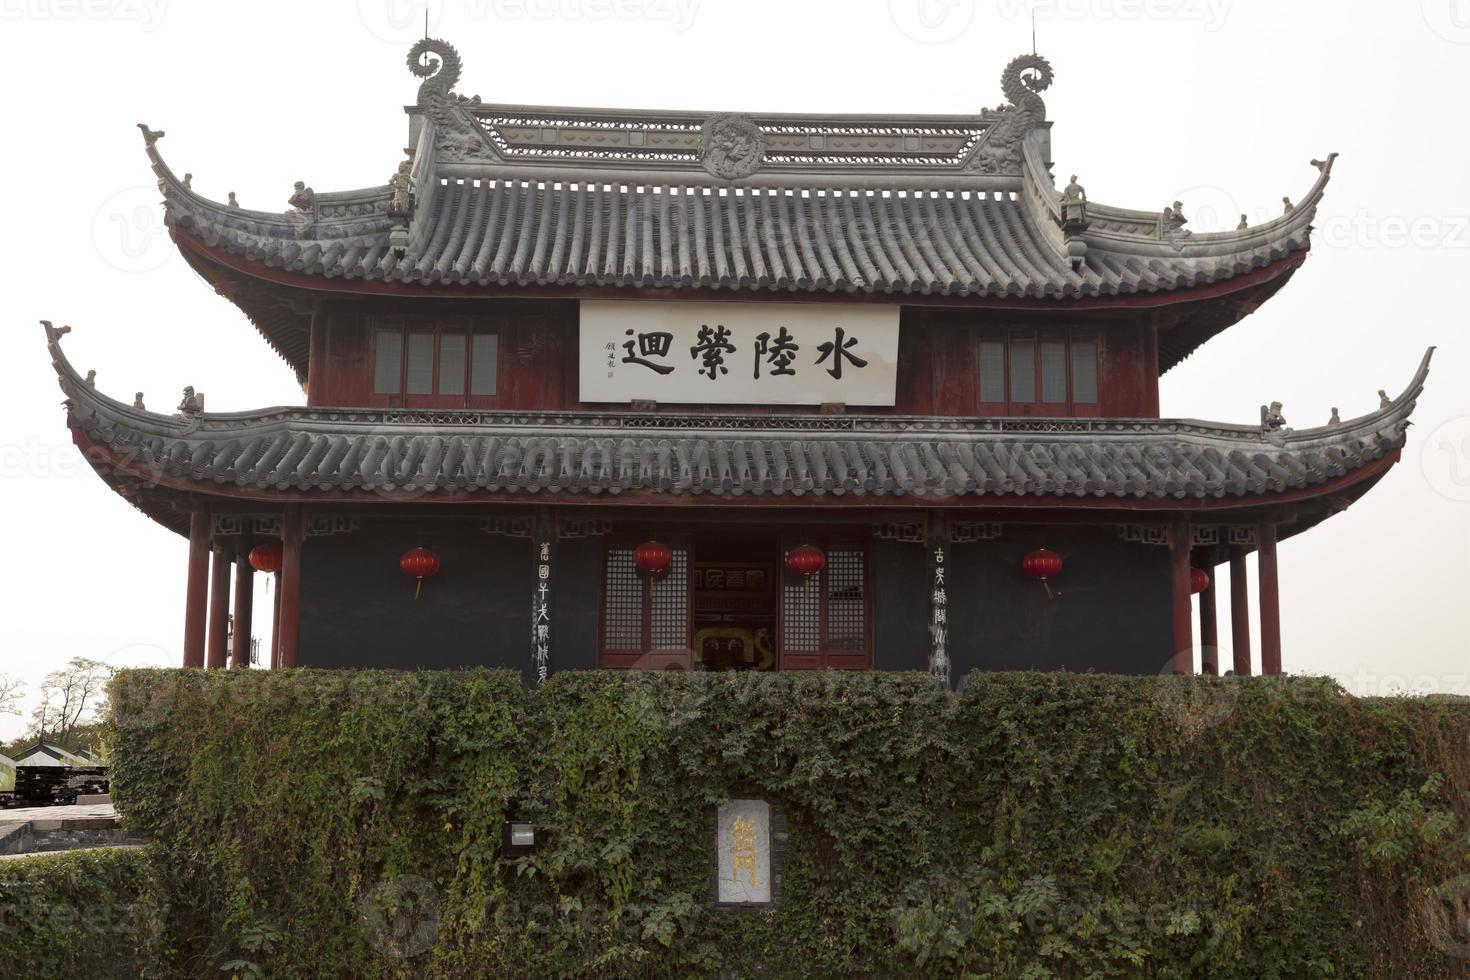 panela homens portão de água antigo pavilhão chinês suzhou china foto